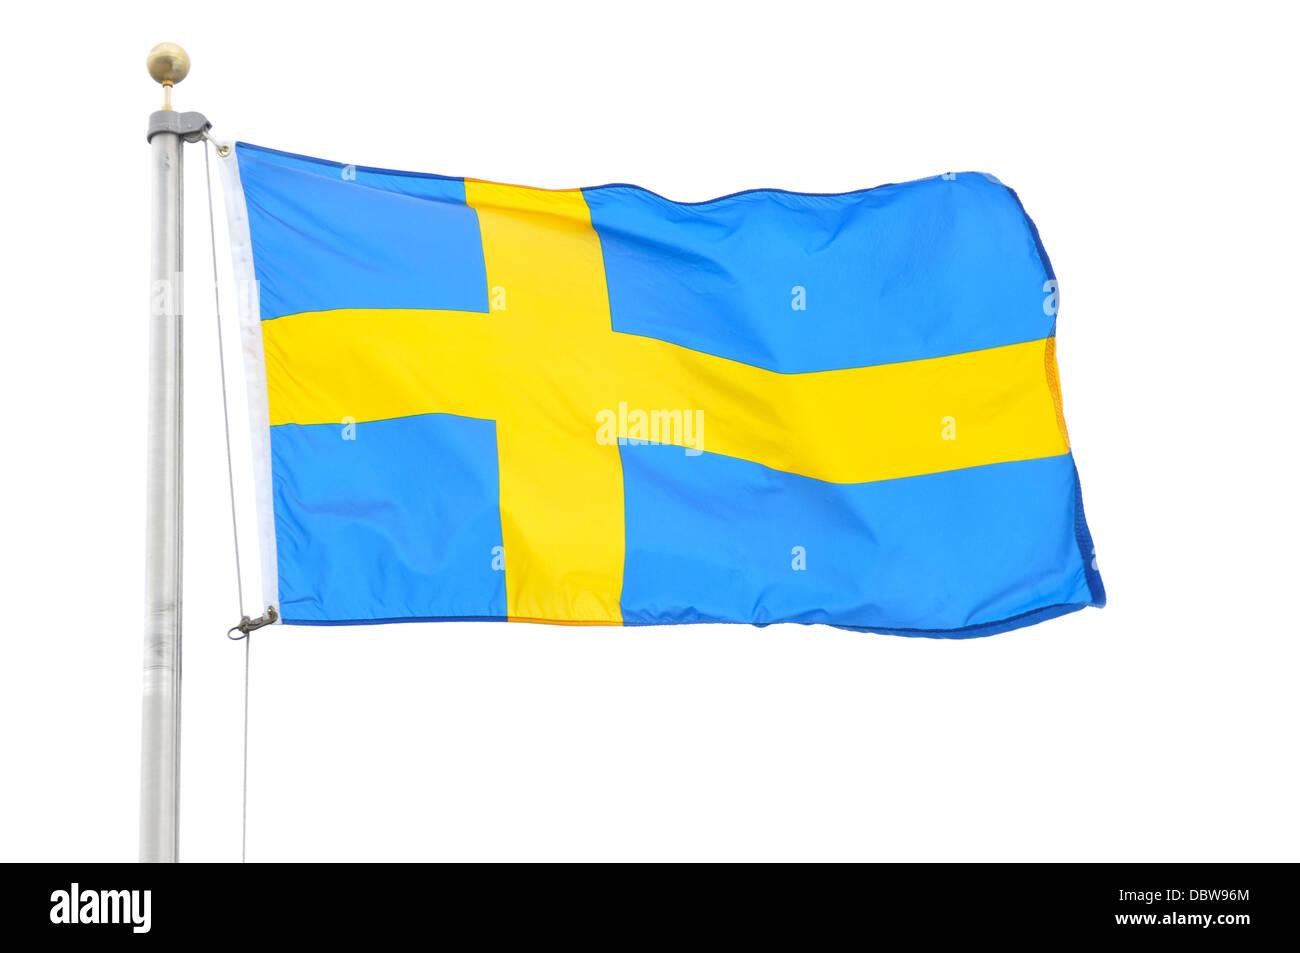 Swedish flag isolated on a white background - Stock Image